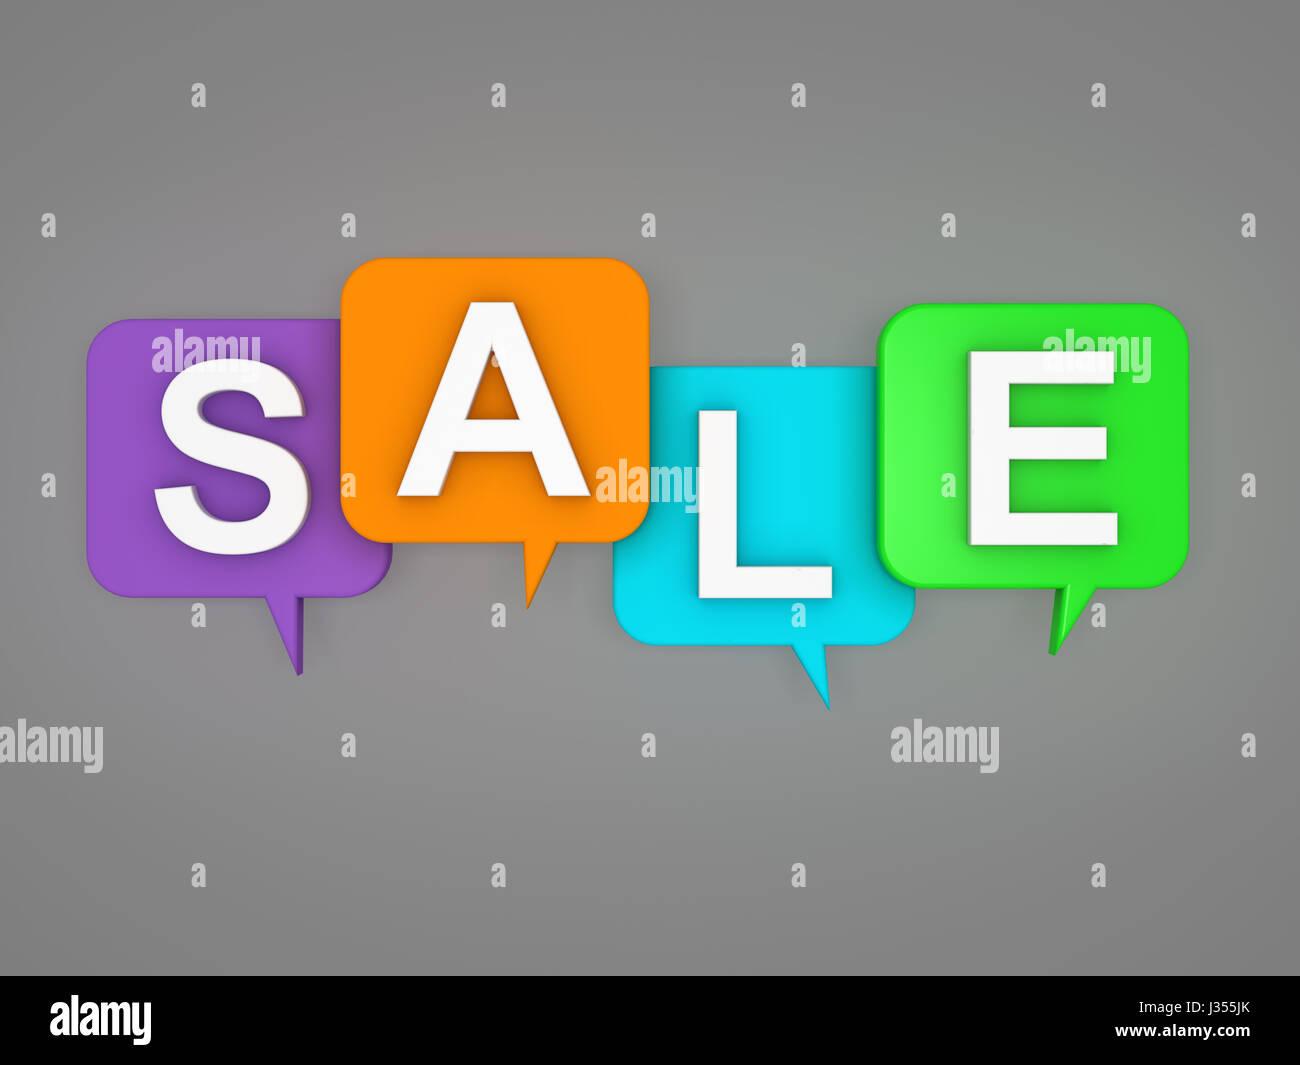 Pop Print Stock Photos & Pop Print Stock Images - Alamy